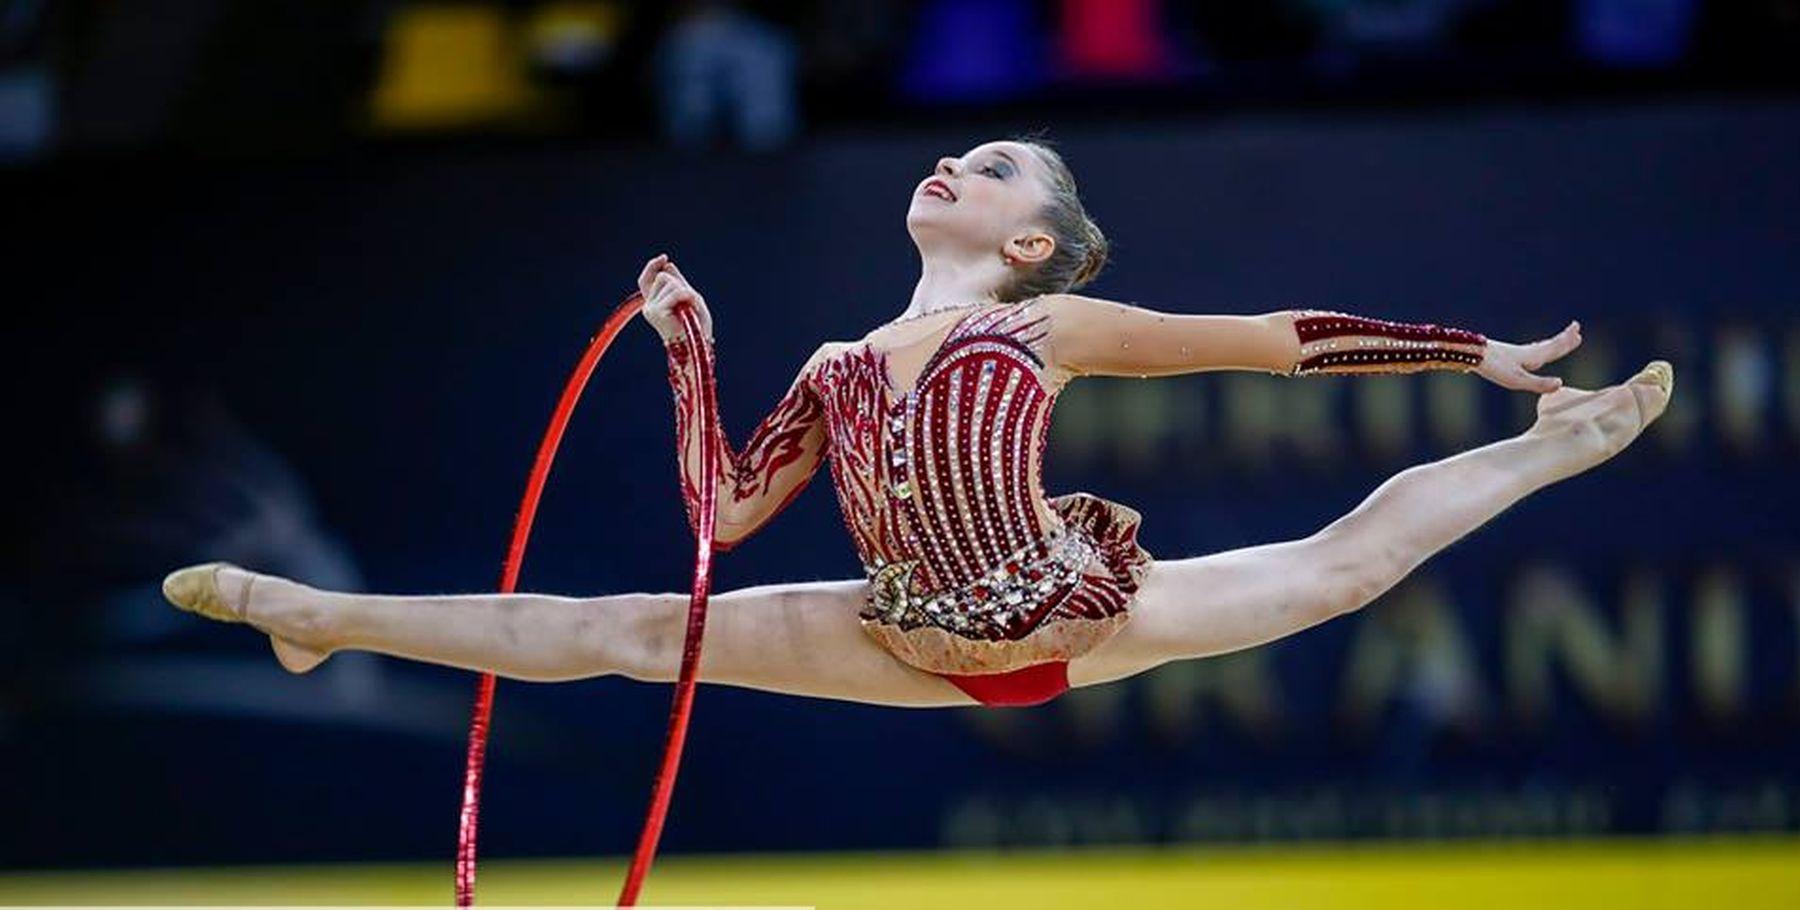 când încep să câștige bani în gimnastica ritmică